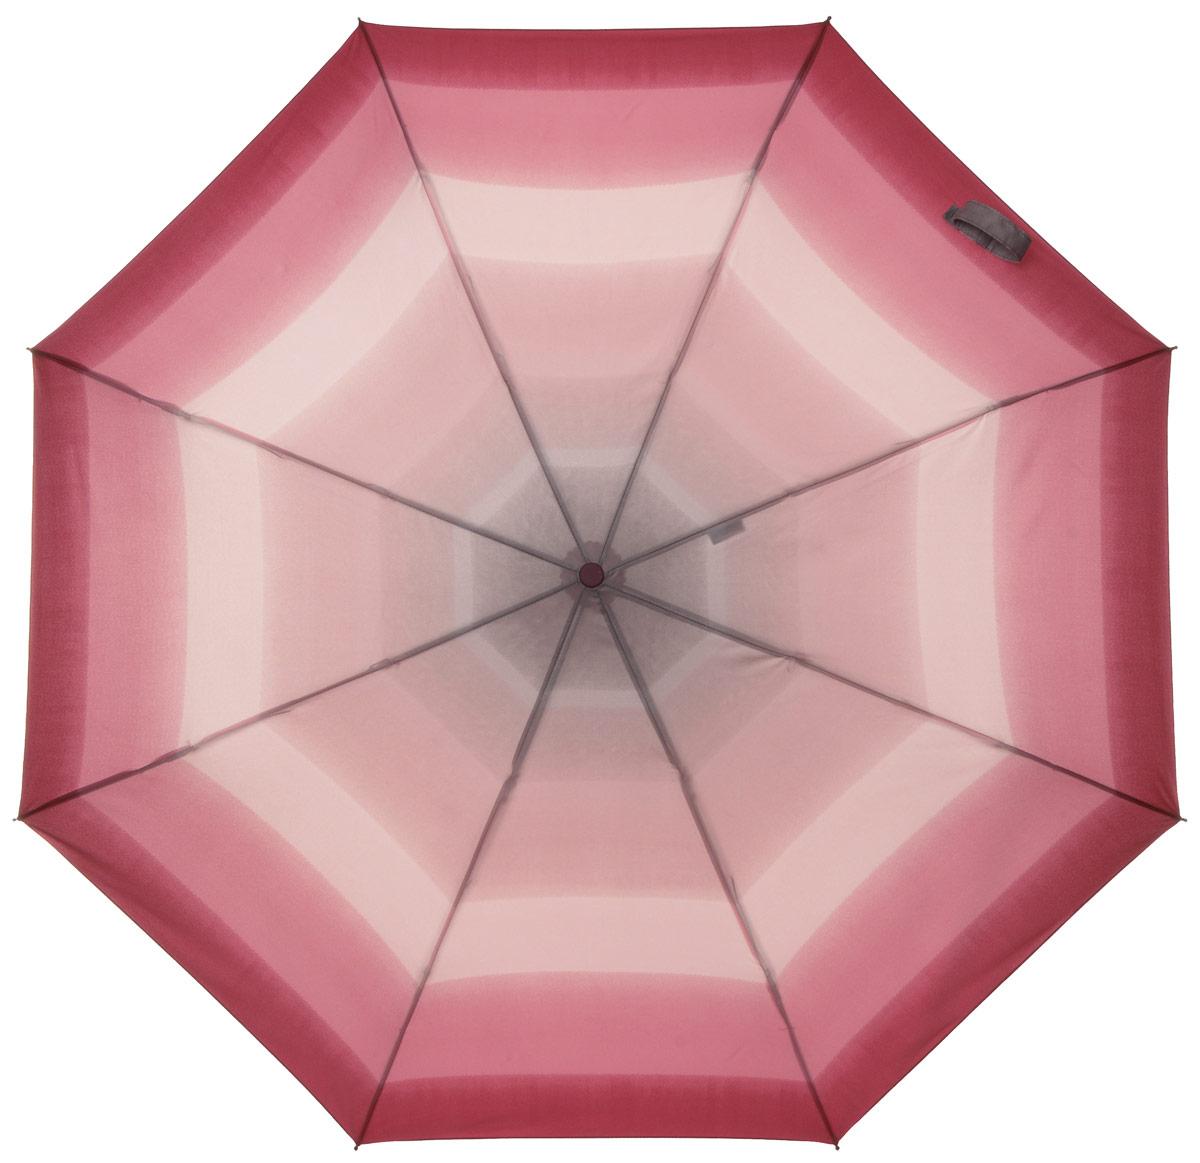 Зонт женский Labbra, автомат, 3 сложения, цвет: розовый. A3-05-041A3-05-041Яркий зонт Labbra не оставит вас незамеченной. Зонт оформлен оригинальным принтом. Зонт состоит из восьми спиц и стержня, изготовленных из стали и фибергласса. Купол выполнен из качественного полиэстера и эпонжа, которые не пропускают воду. Зонт дополнен удобной ручкой из пластика. Зонт имеет автоматический механизм сложения: купол открывается и закрывается нажатием кнопки на ручке, стержень складывается вручную до характерного щелчка, благодаря чему открыть и закрыть зонт можно одной рукой. Ручка дополнена петлей, благодаря которой зонт можно носить на запястье. К зонту прилагается чехол. Удобный и практичный аксессуар даже в ненастную погоду позволит вам оставаться стильной и элегантной.